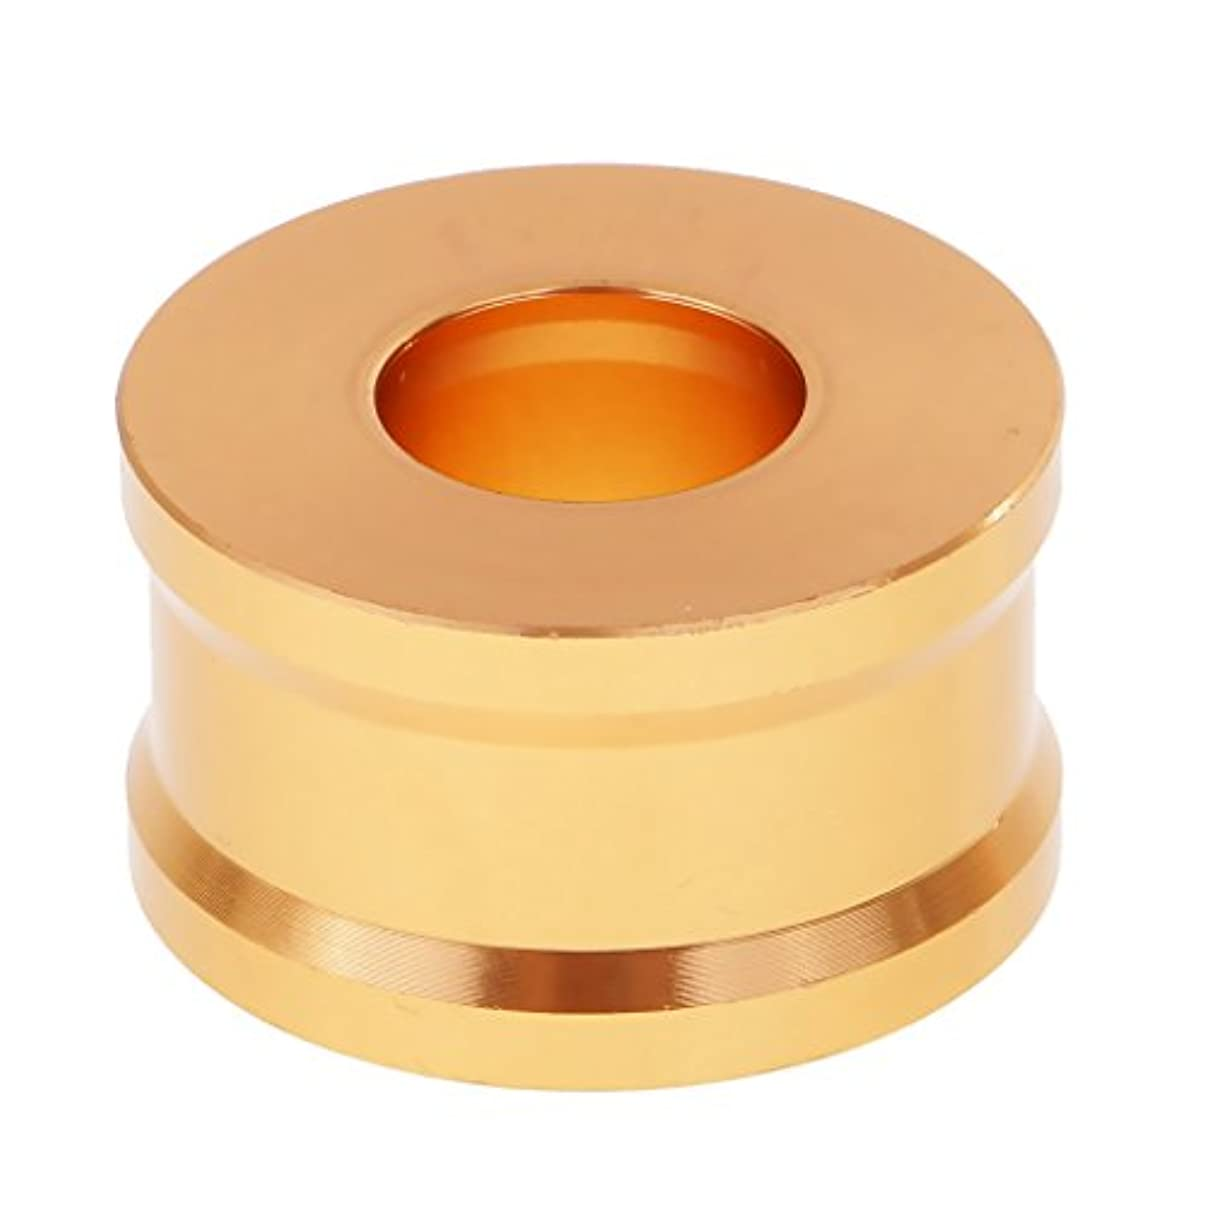 資本主義バンジージャンプメガロポリス12.1ミリメートルチューブのためのDIYの口紅の型リングのリップクリームDIY金型メイクアップツール